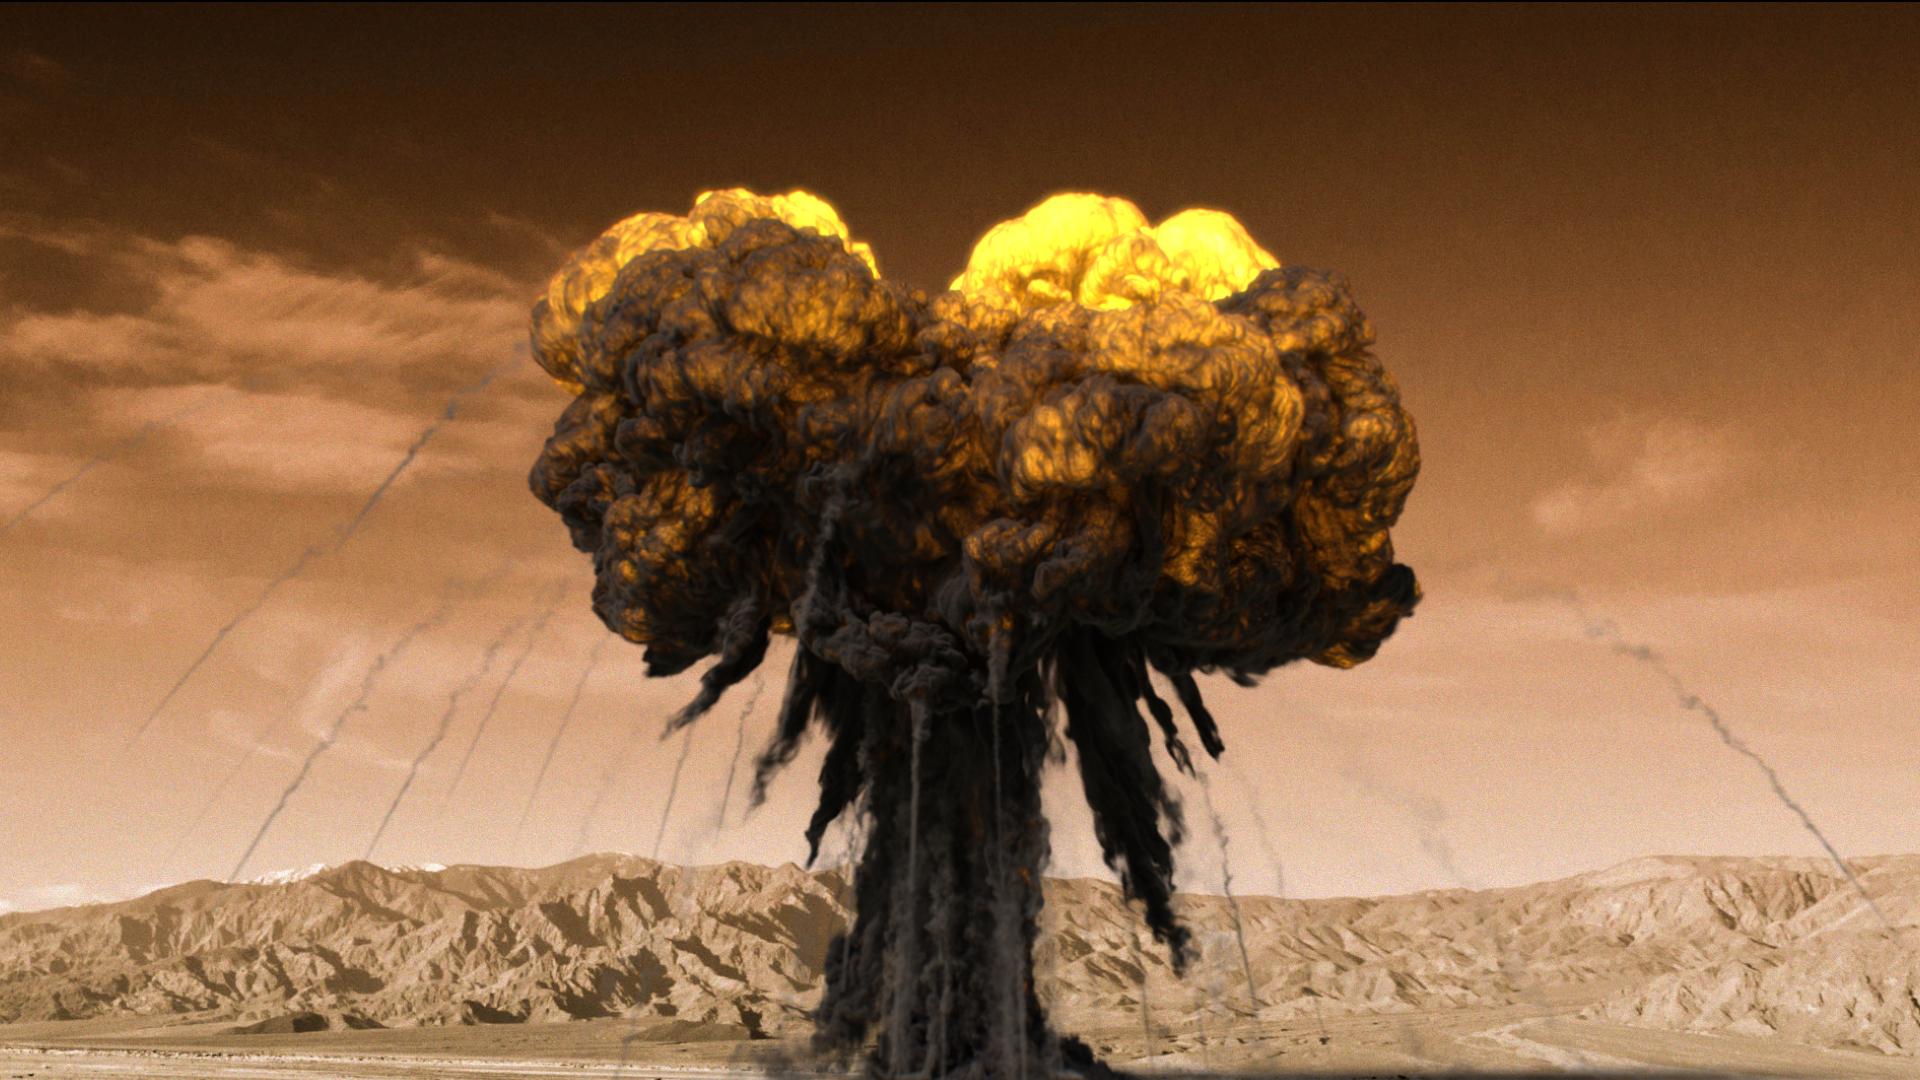 Pyro Explosion 2 – Desert Nuke